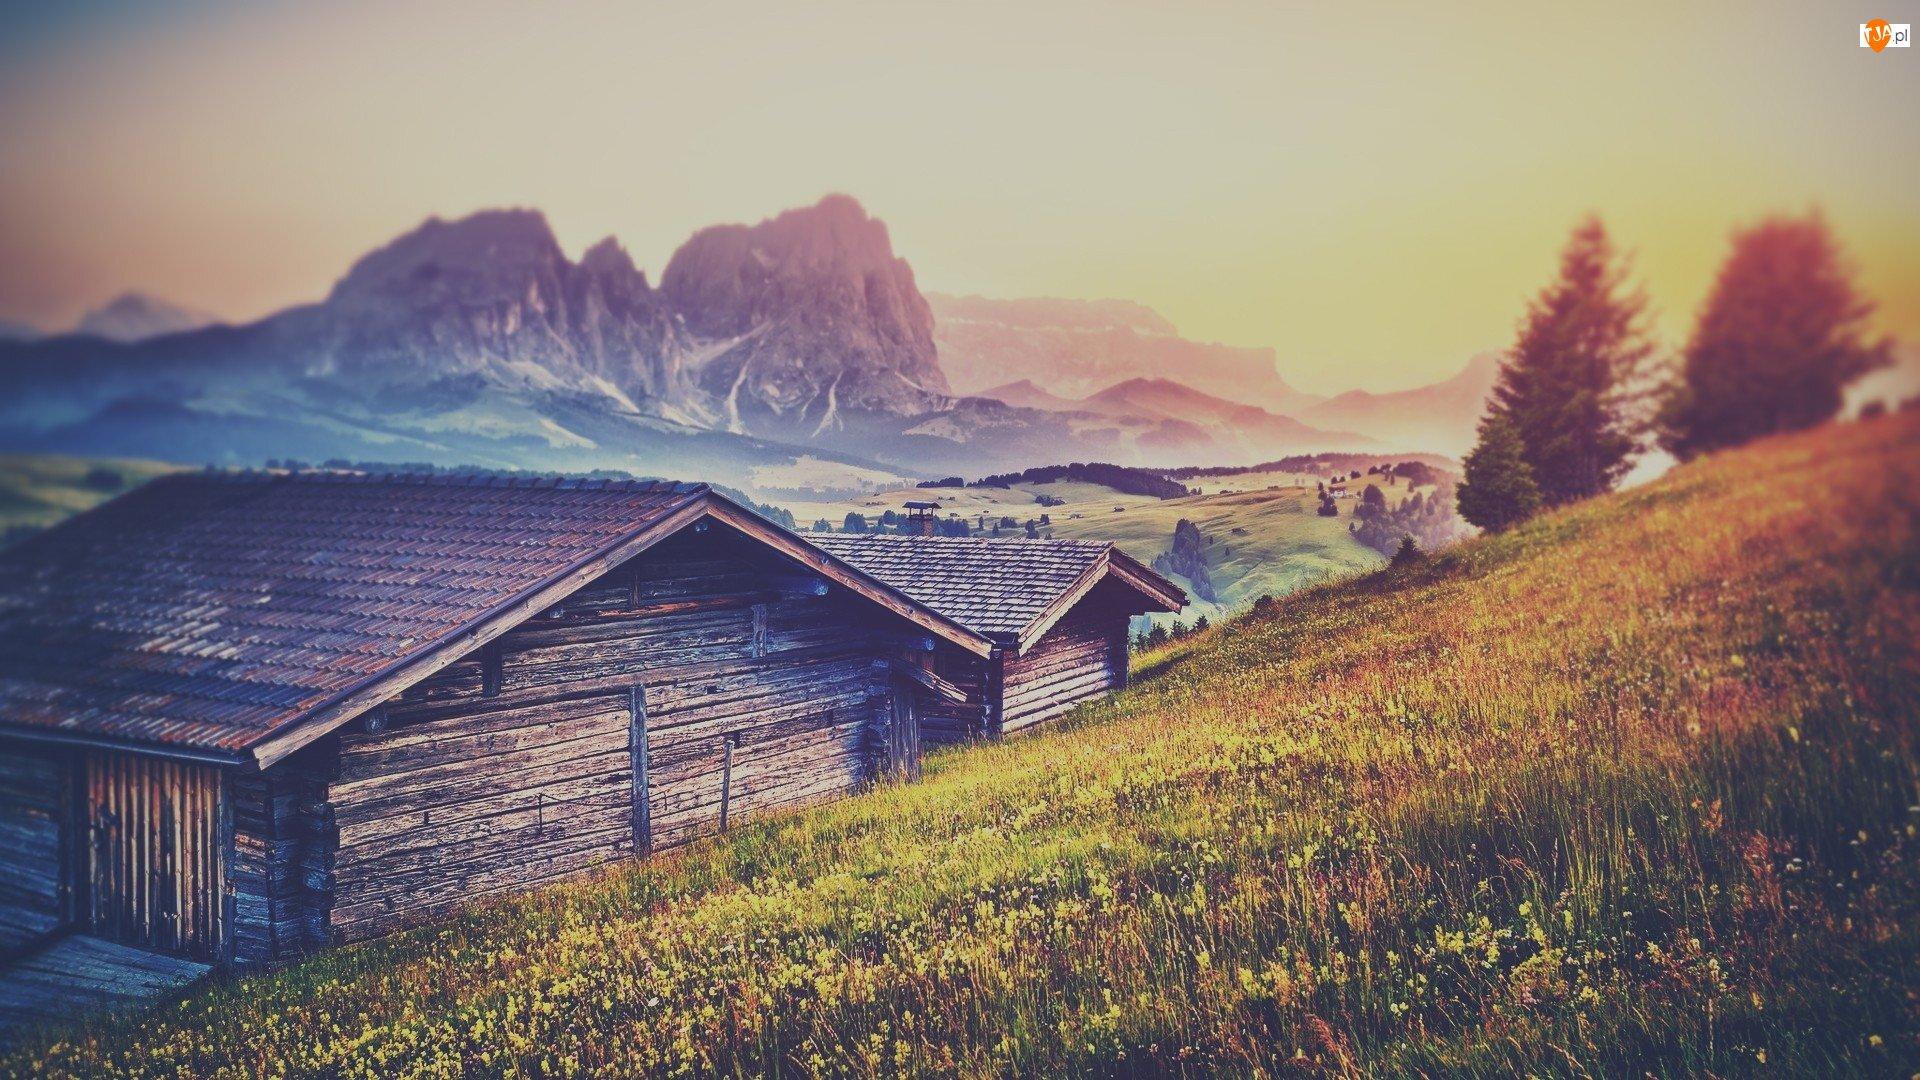 Płaskowyż Seiser Alm, Dolomity, Mgła, Góry Sassolungo, Domki, Rozmycie, Dolina Val Gardena, Drewniane, Drzewa, Łąka, Włochy